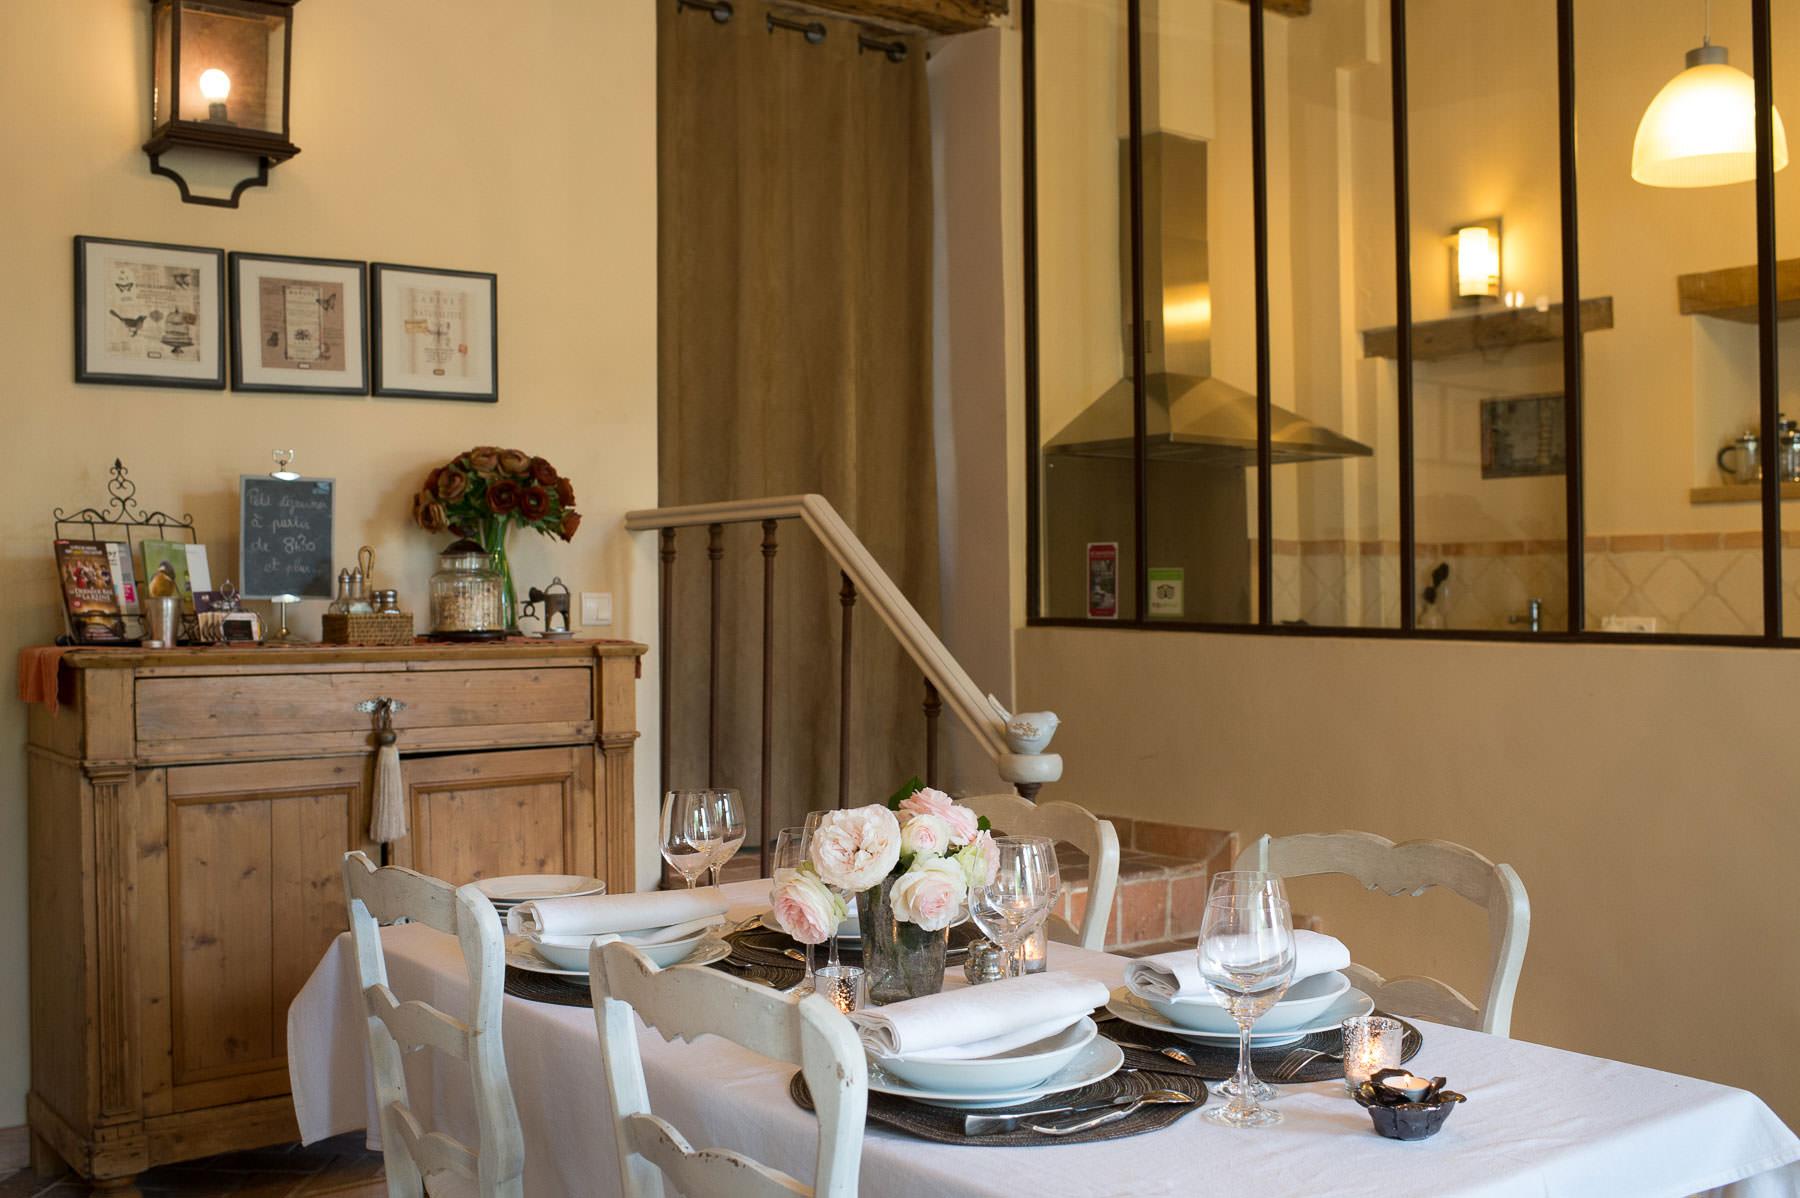 Dinner & Breakfast at La Ferme de Bouchemont